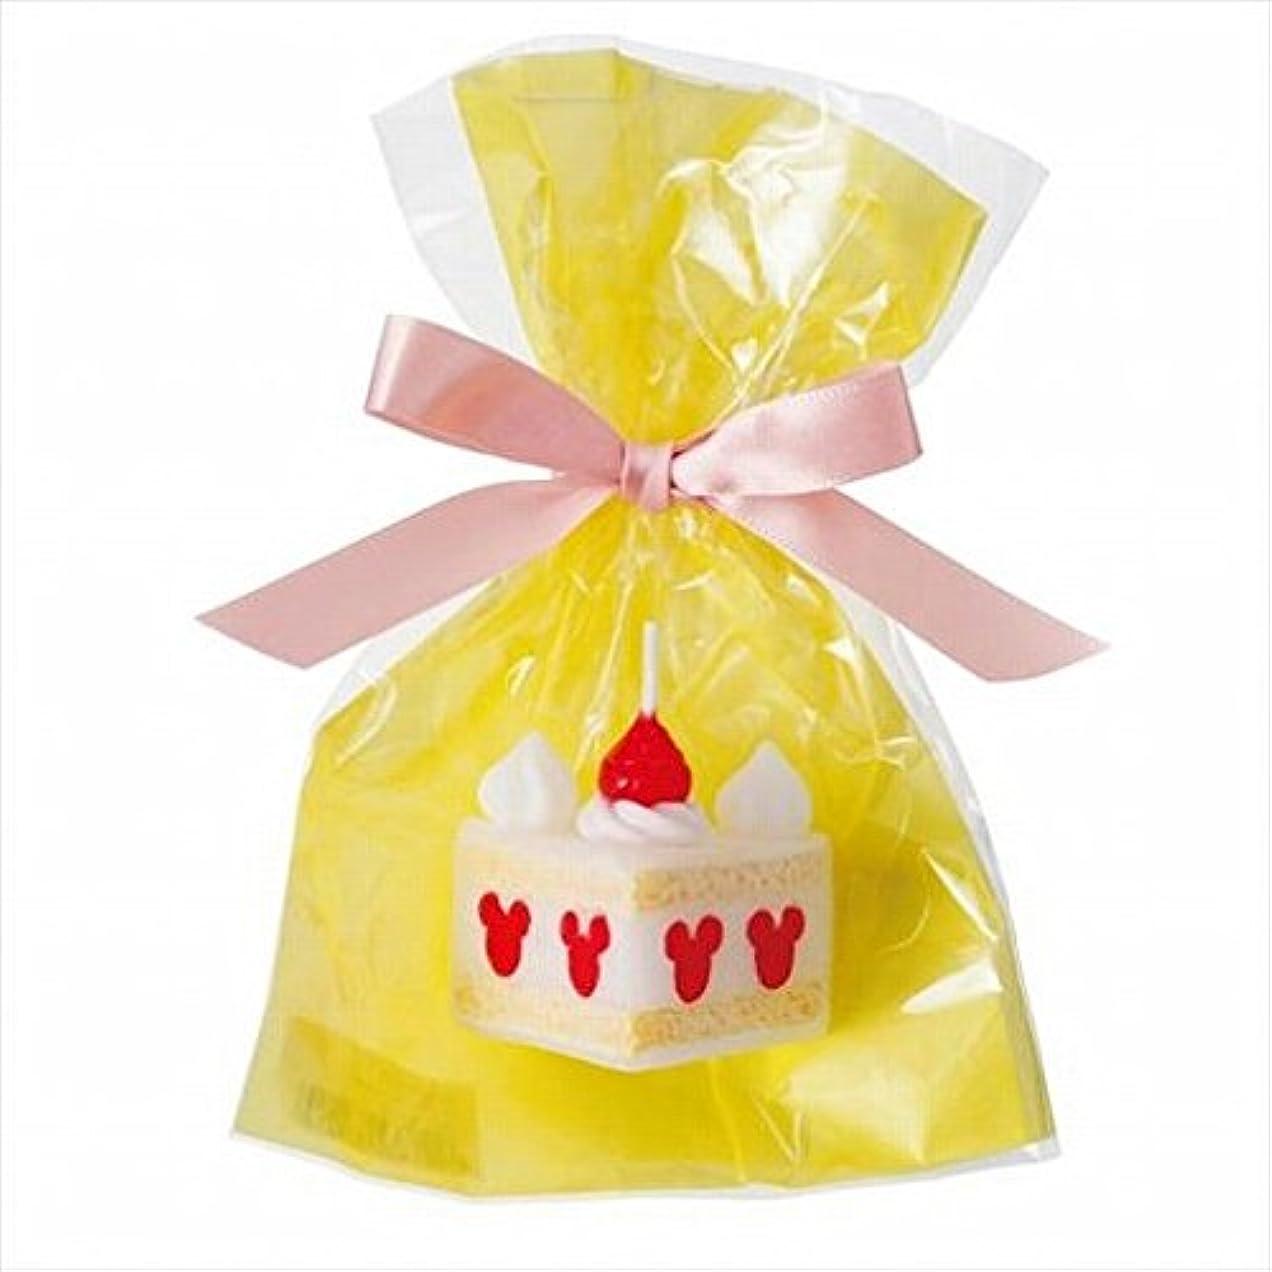 アーチボーダー赤面sweets candle(スイーツキャンドル) ディズニースイーツキャンドル 「 ショートケーキ 」 キャンドル 43x32x40mm (A4350010)